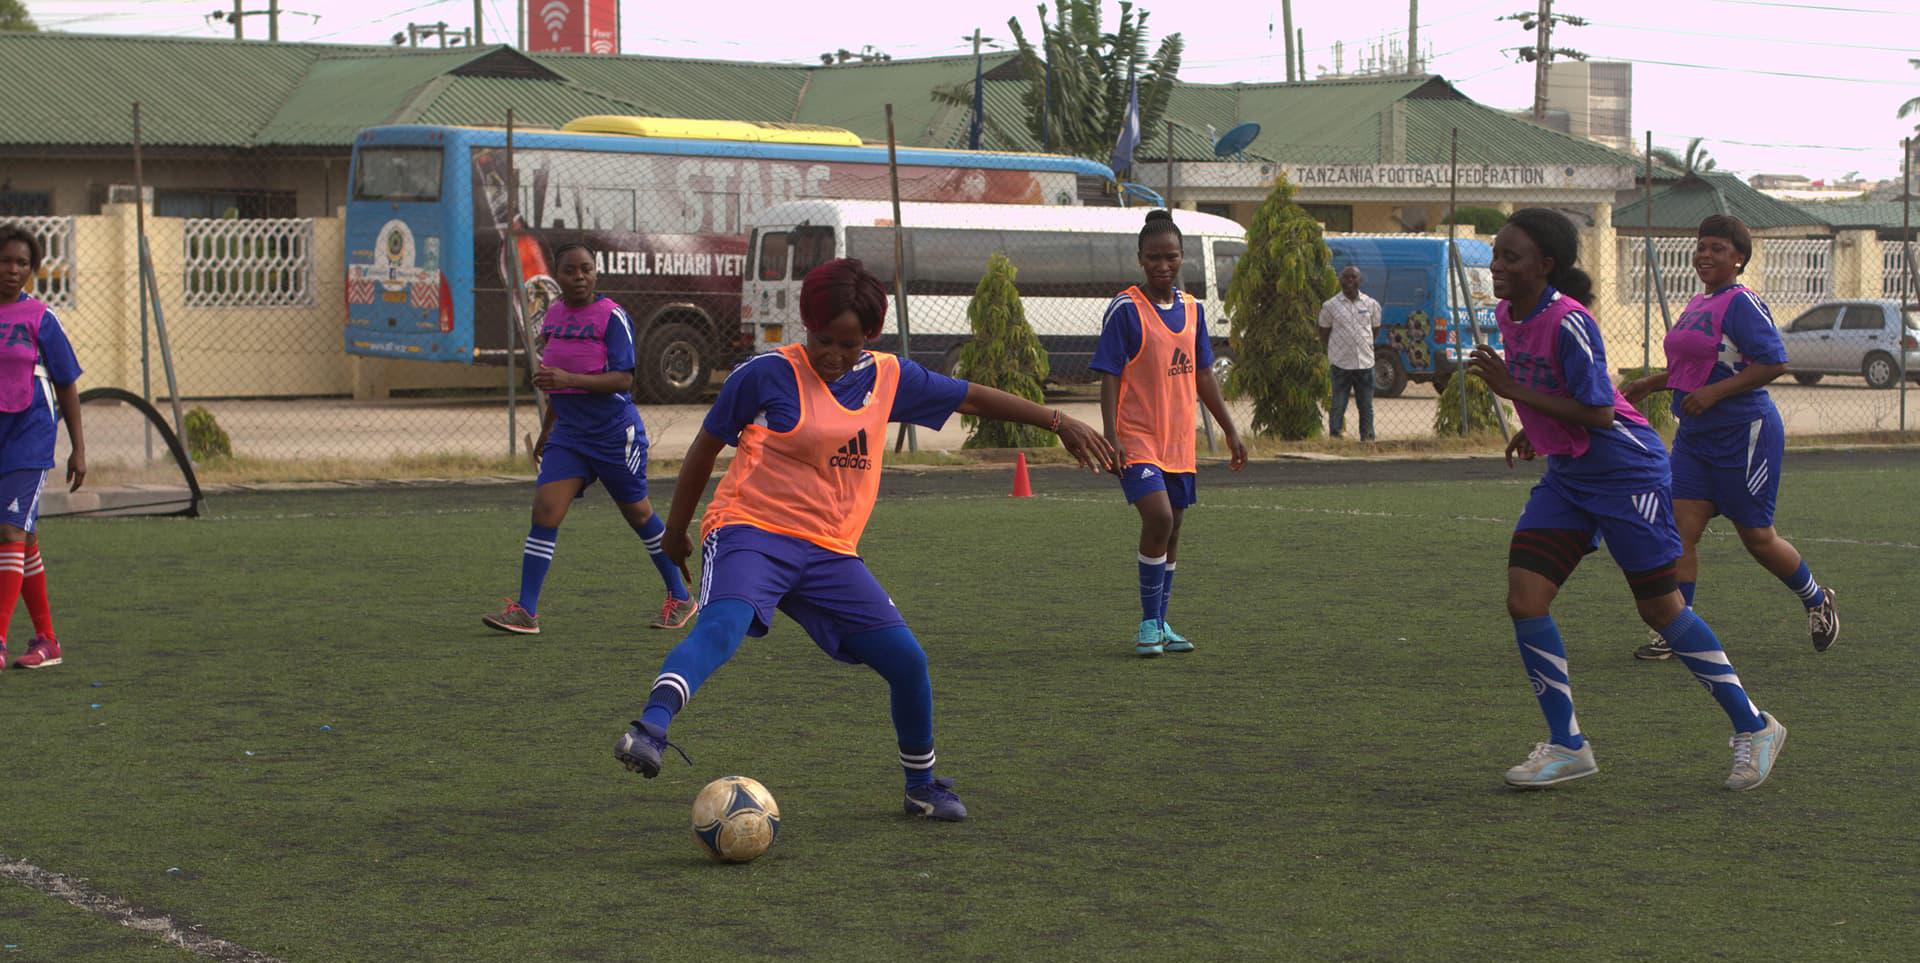 Ett kliv på fotbollsplanen är ett kliv mot jämställdhet - folkhogskola.nu 5e02465539703